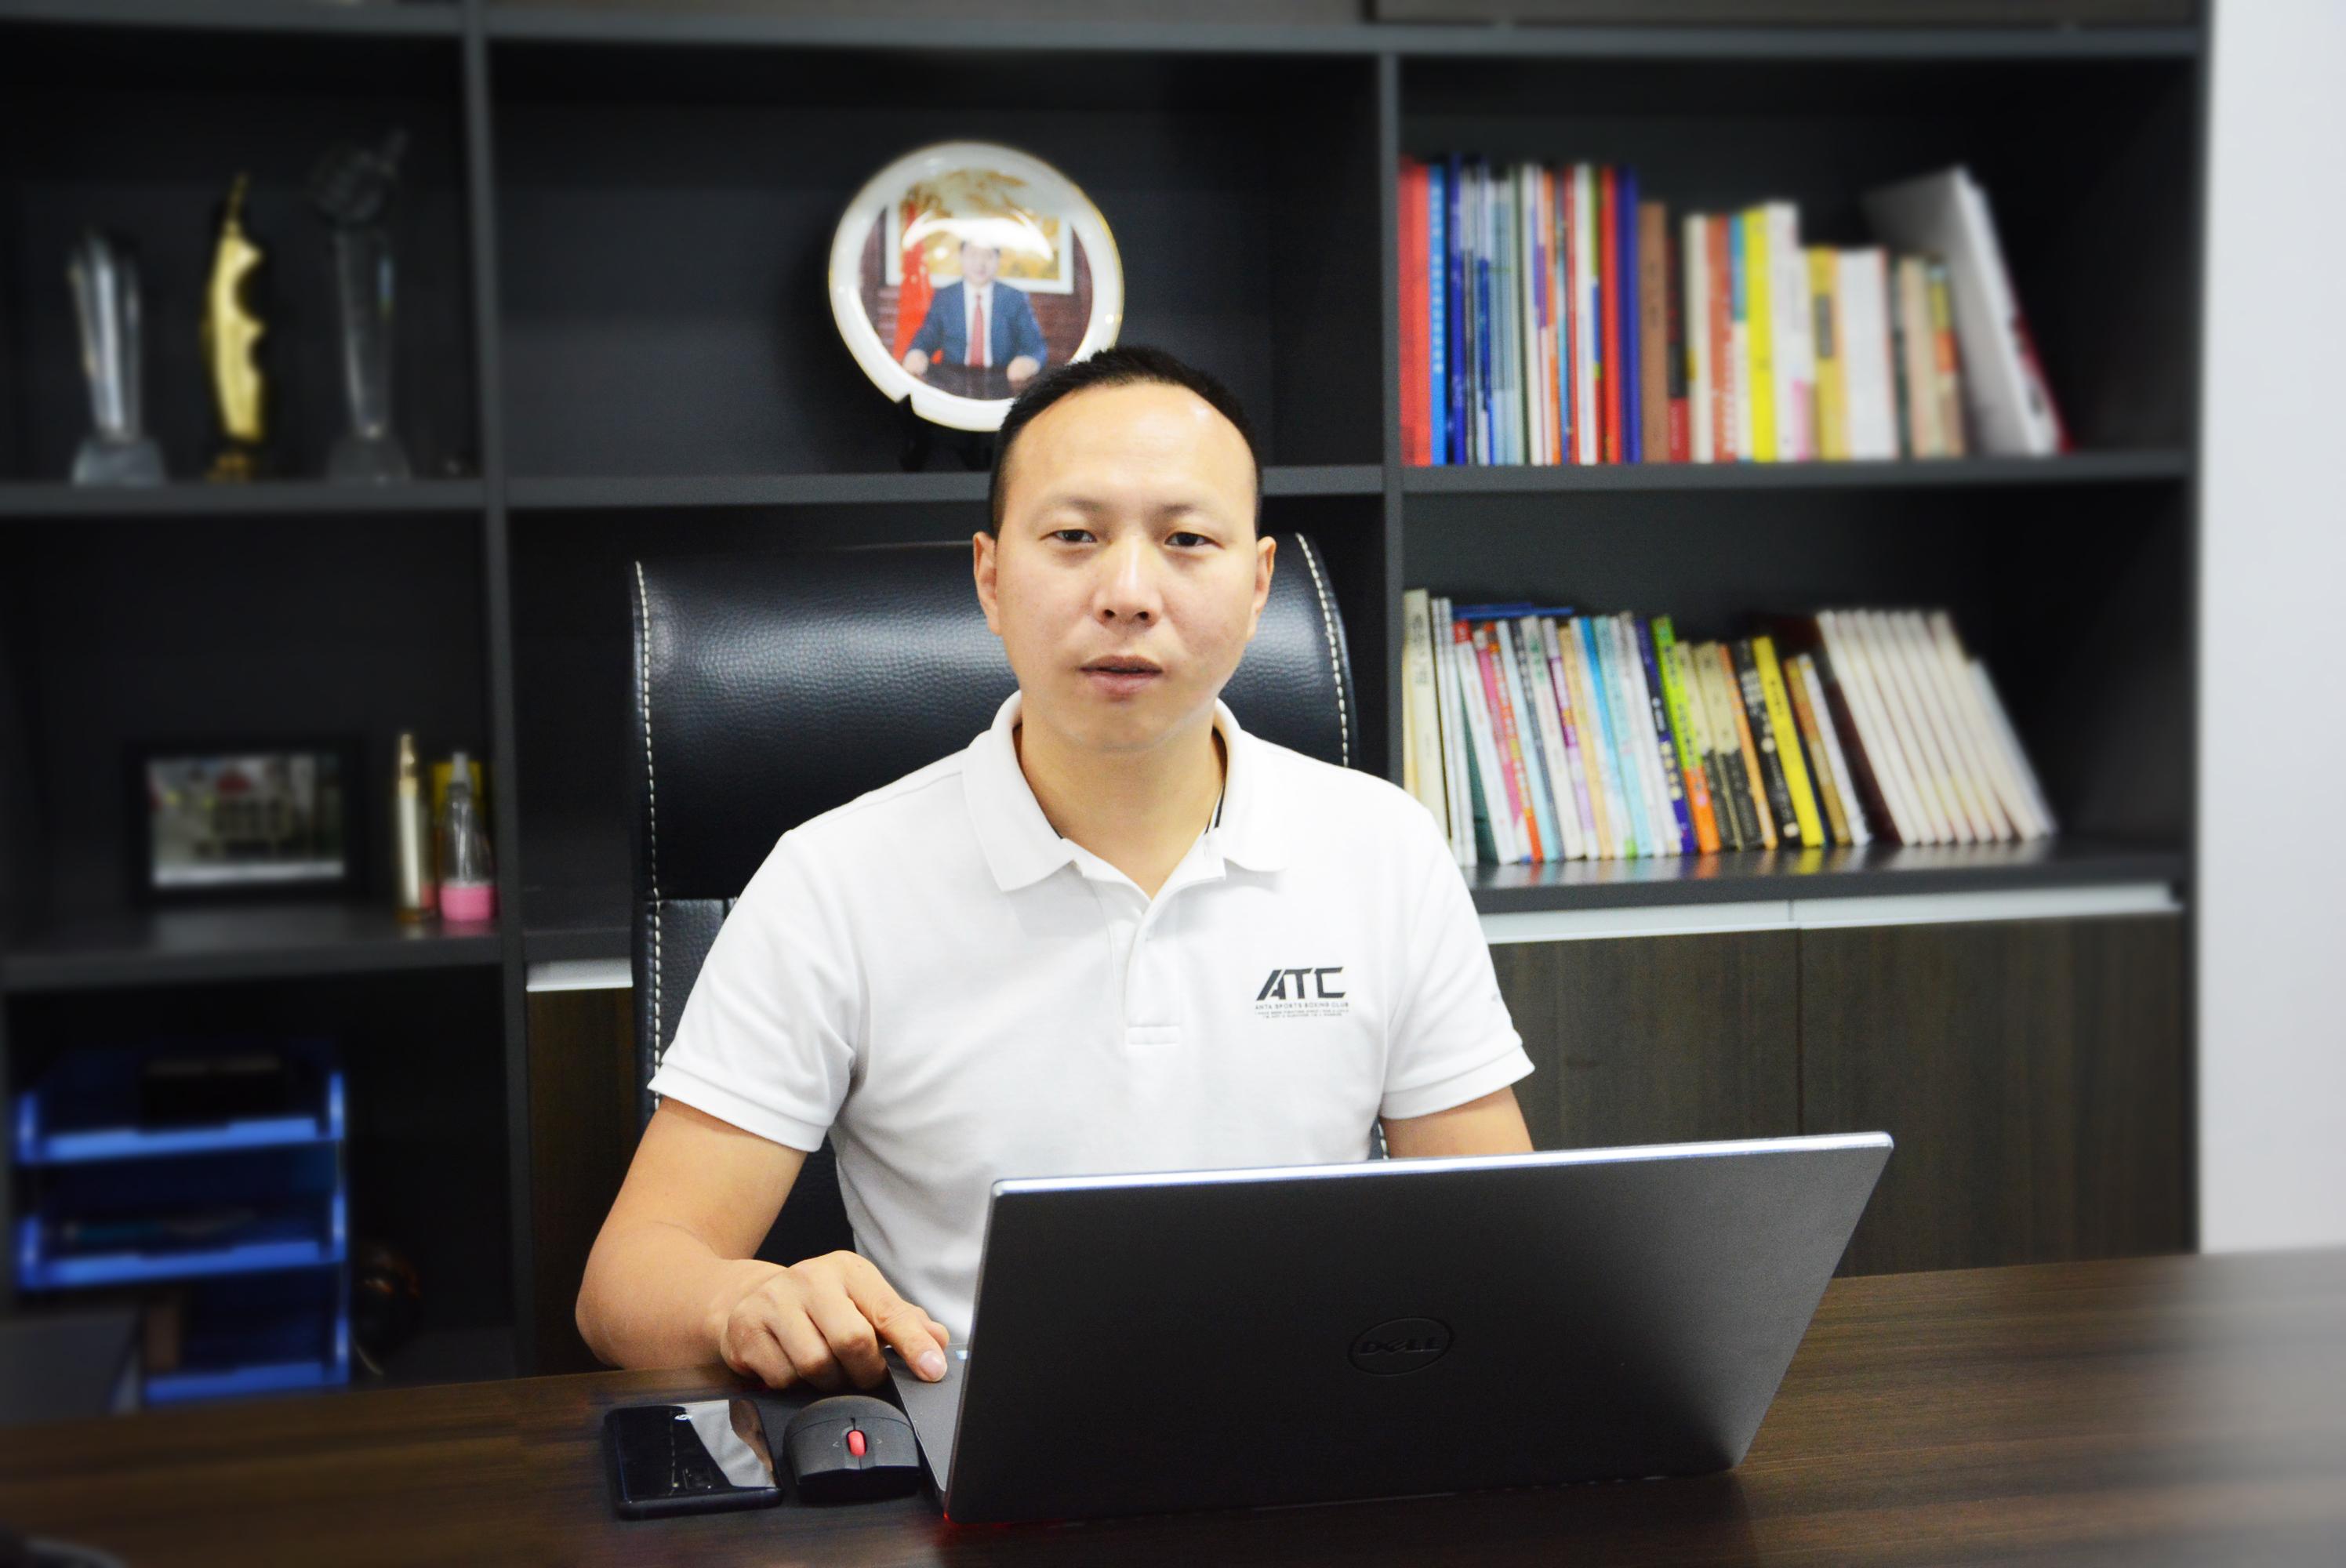 汇能科技创始人兼CEO杨体春双节祝福:心怀感恩,砥砺前行!